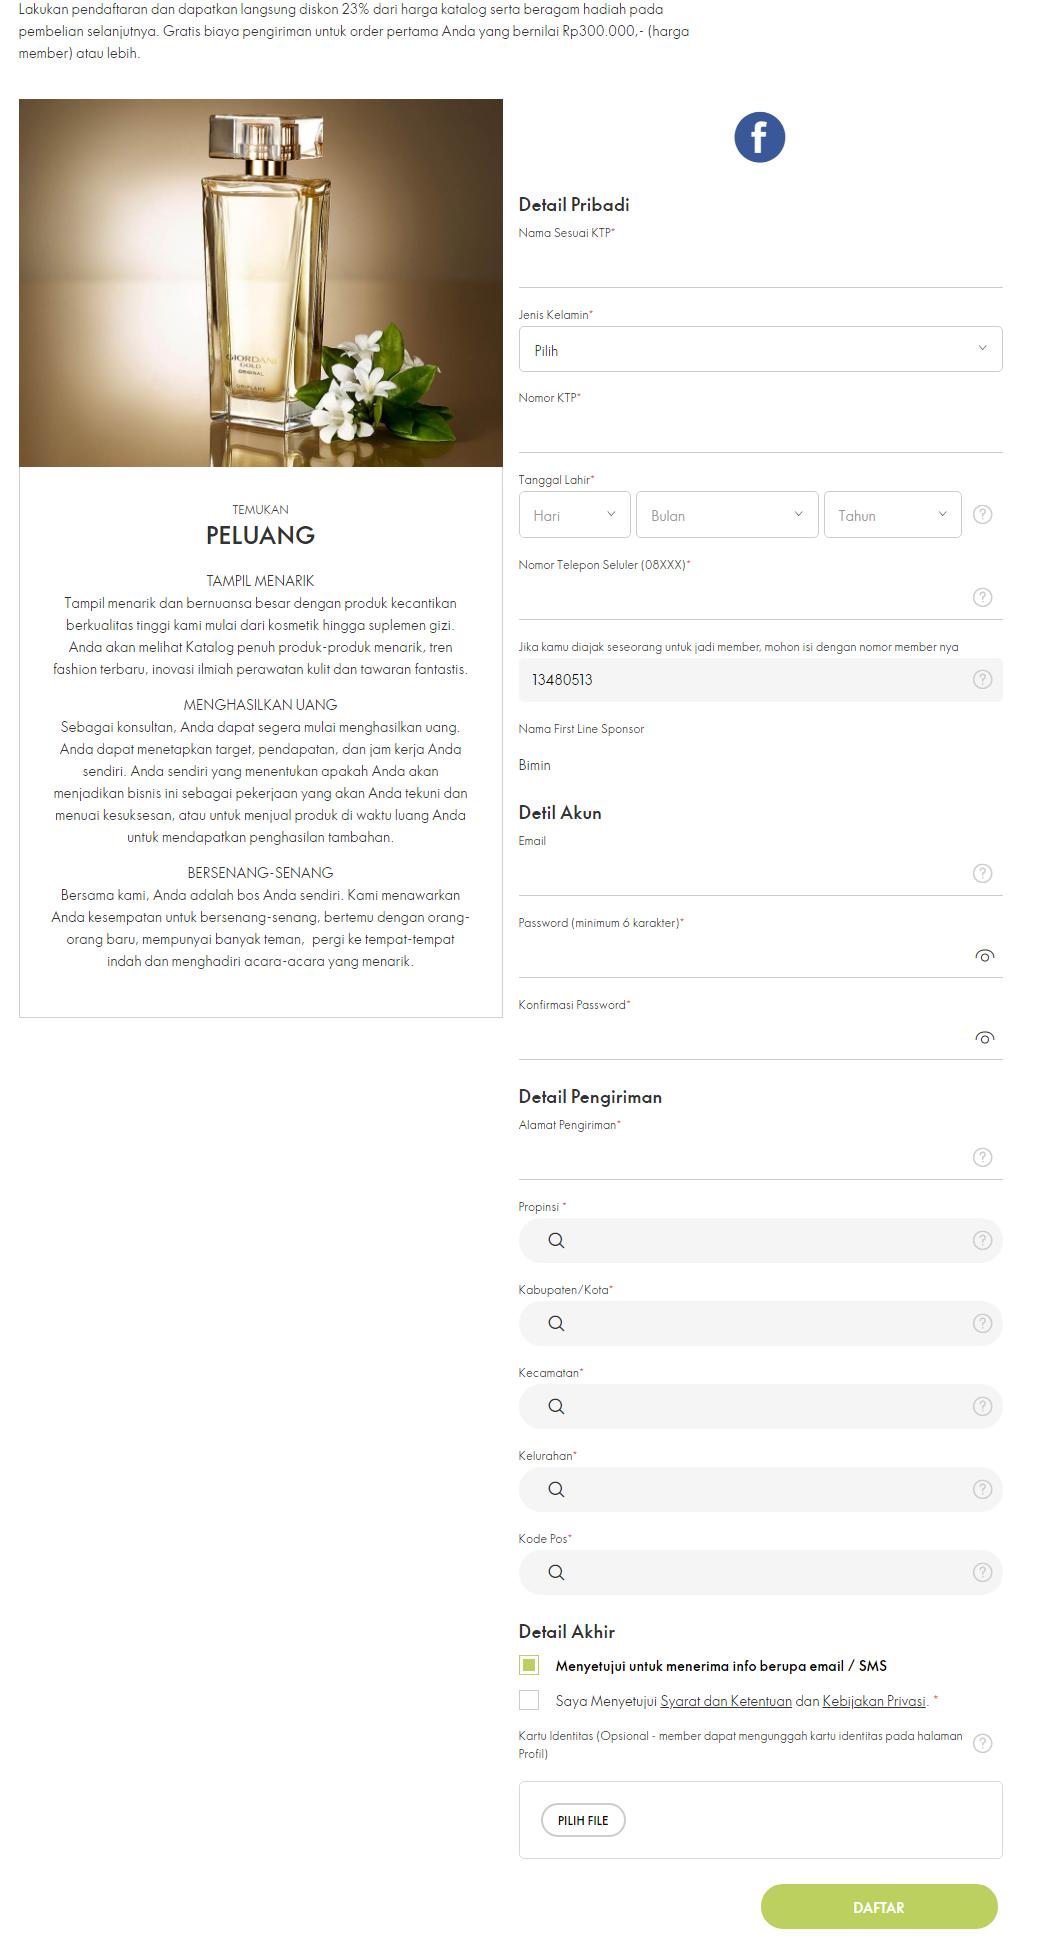 cara daftar oriflame sendiri secara online 2020.